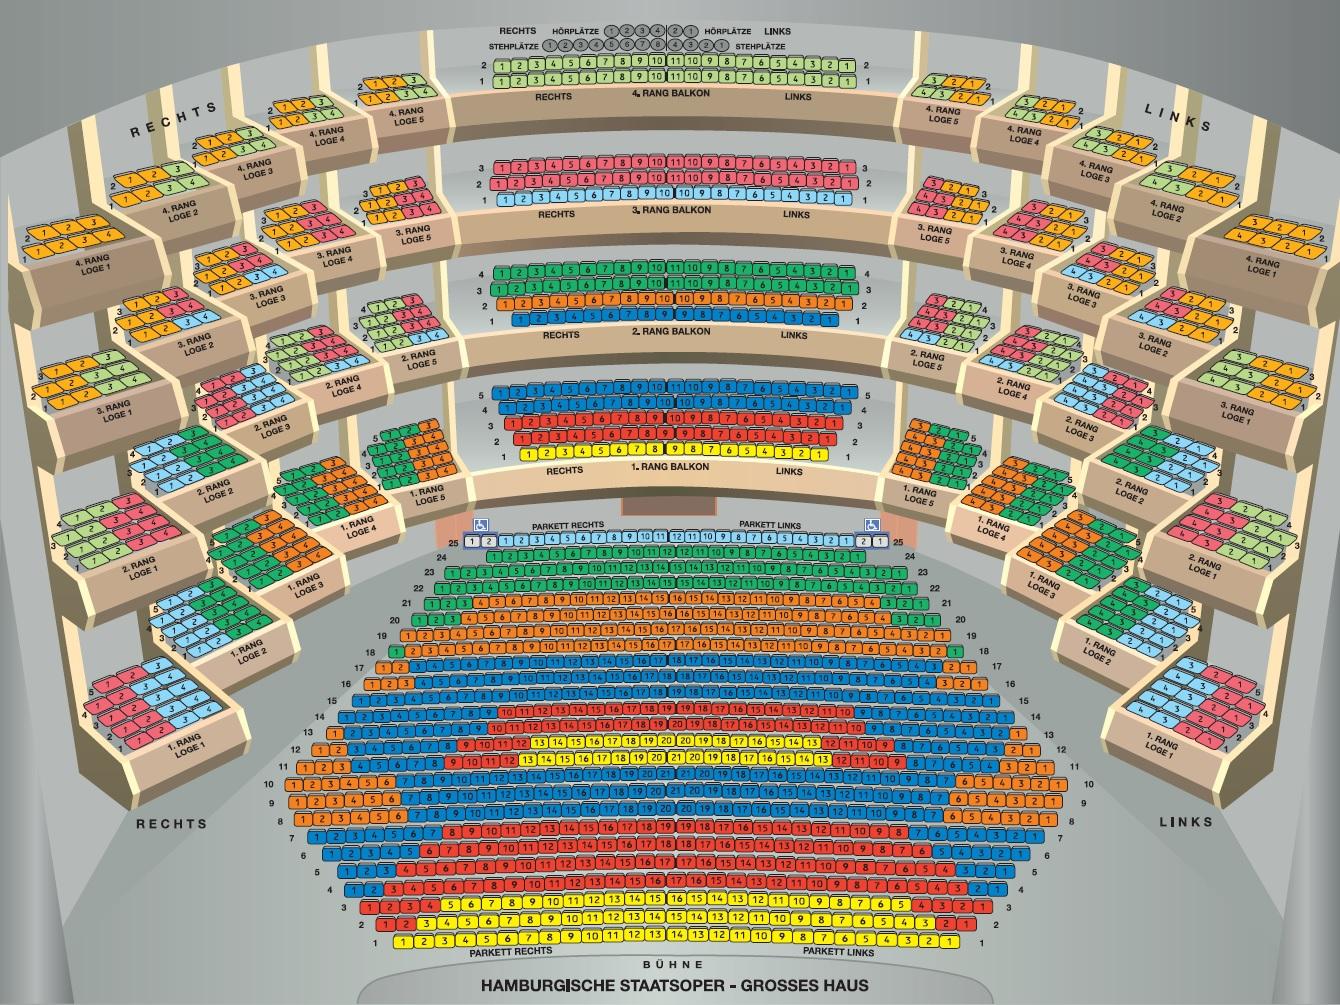 Схема зала Гамбургской государственной оперы